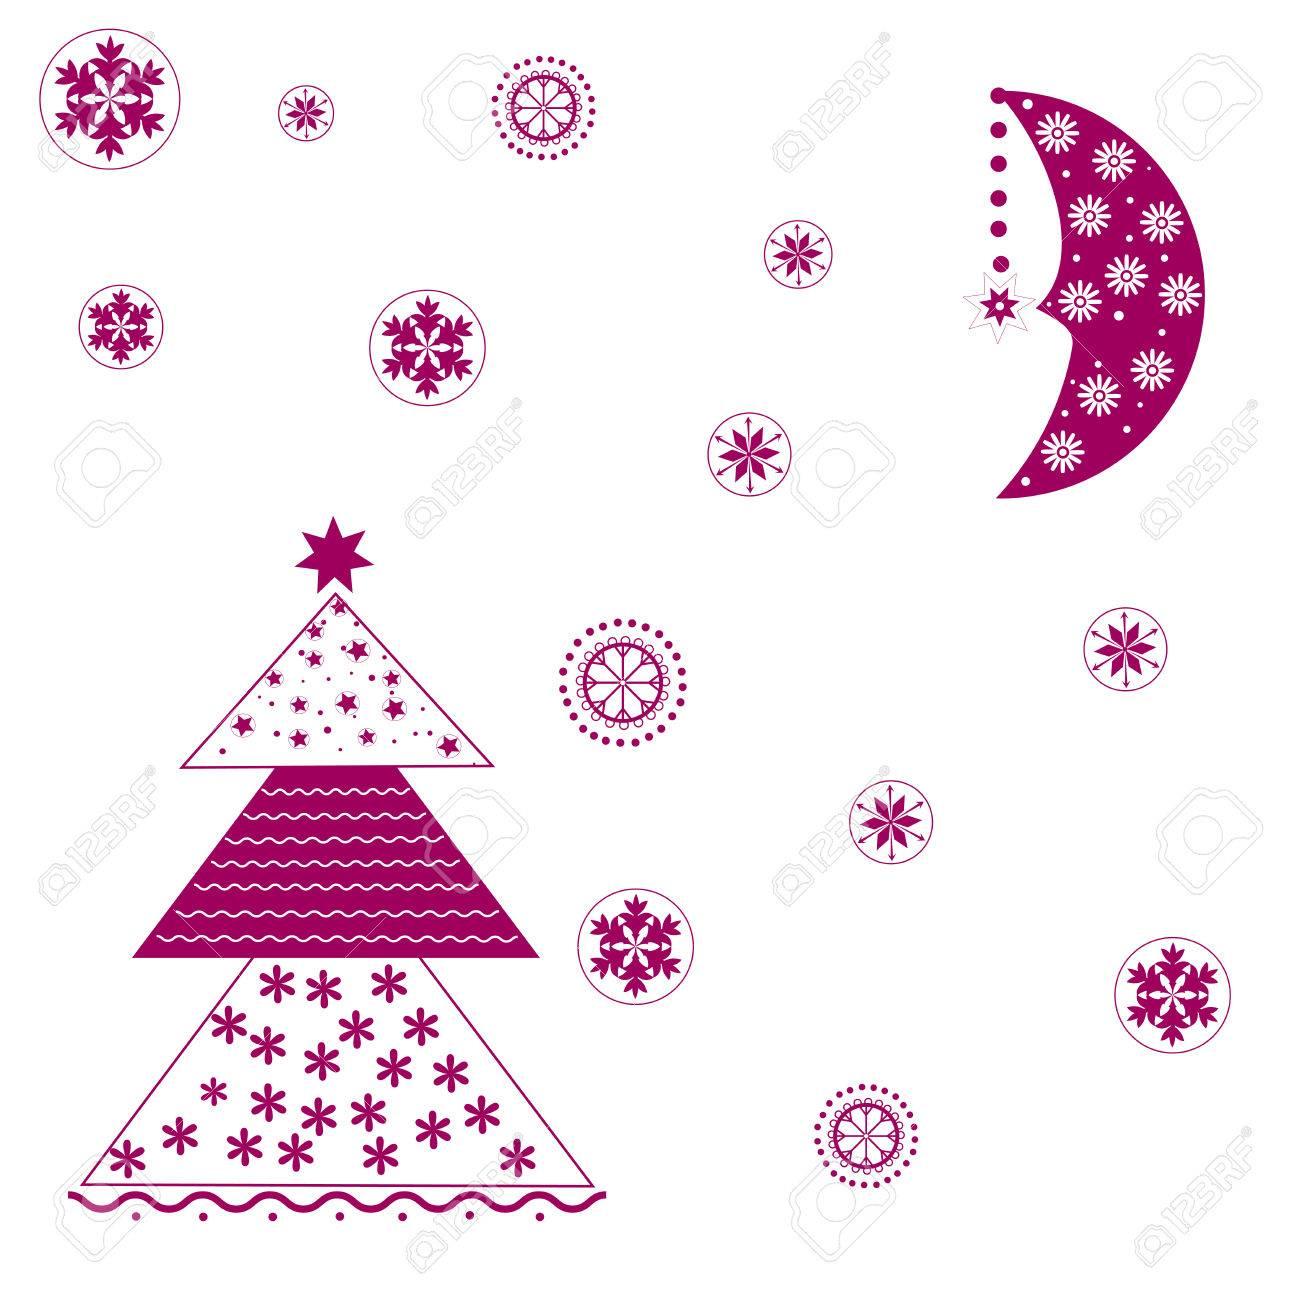 Dessin Lune Etoile Arbre De Noel Des Flocons De Neige Banque D